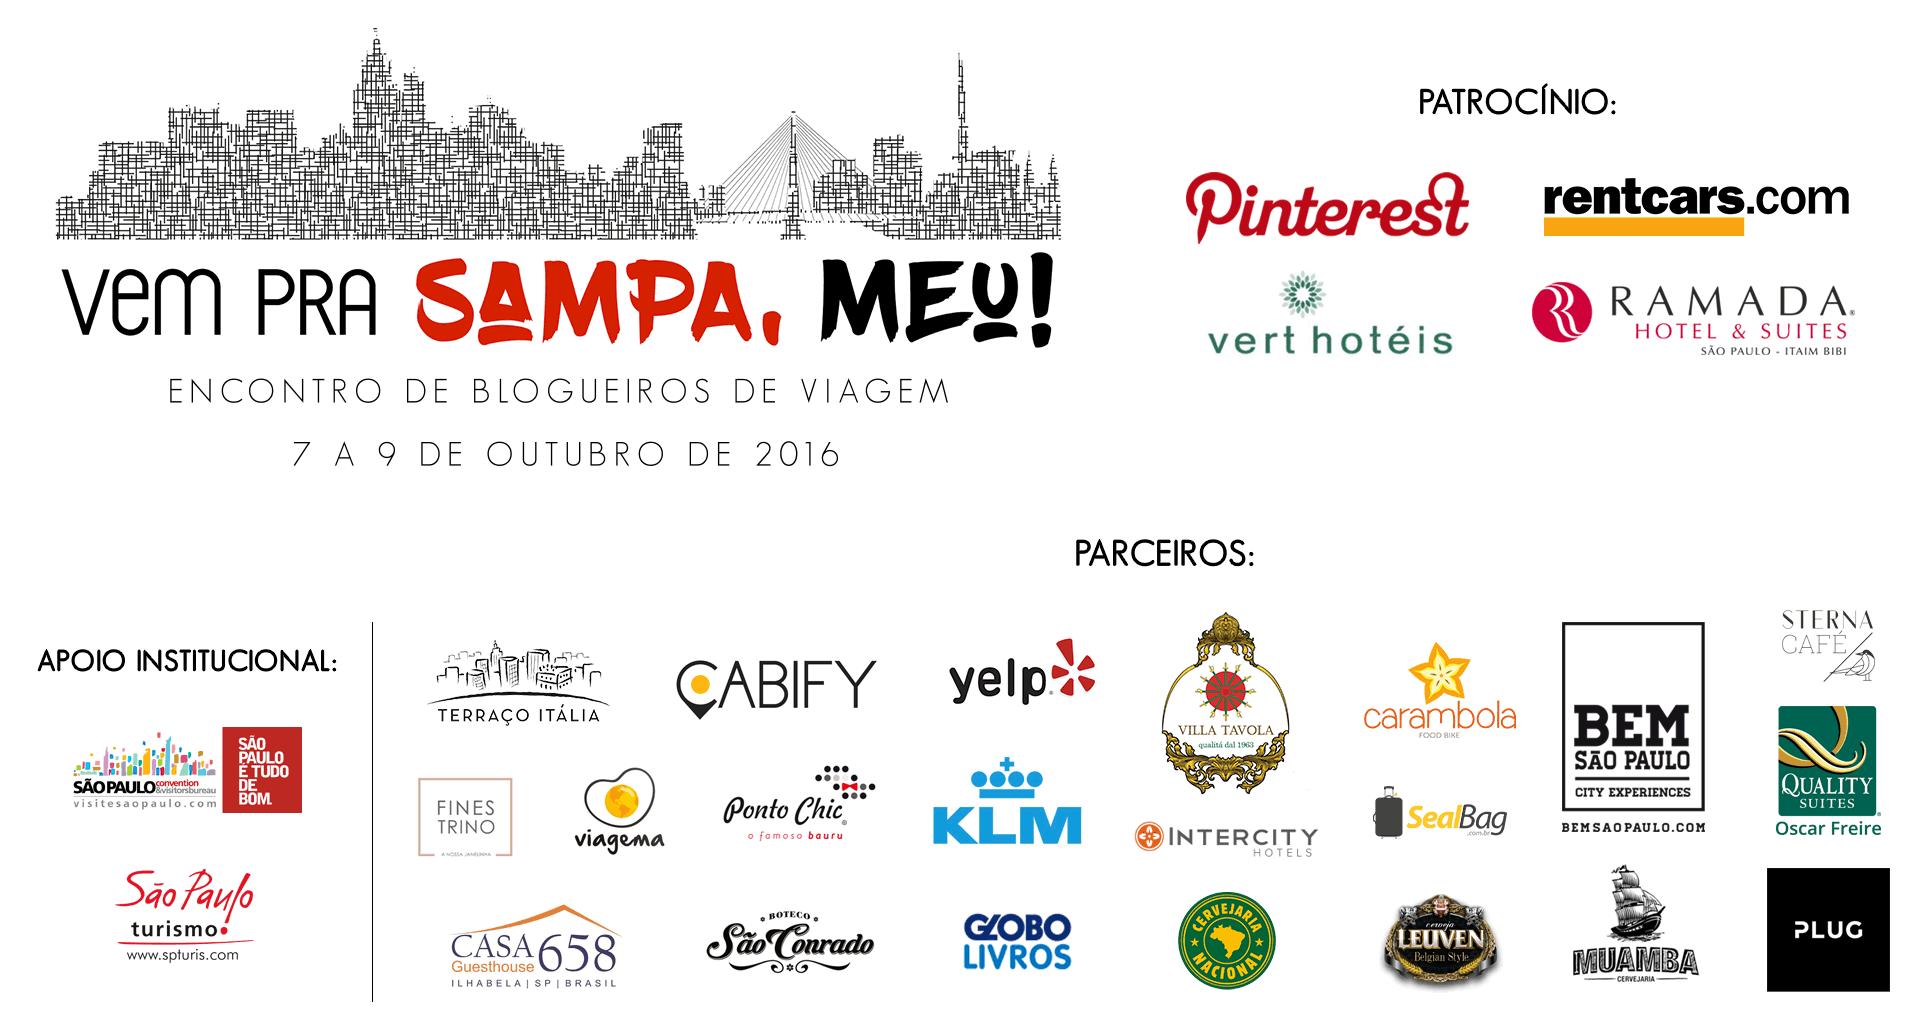 Parceiros e patrocinadores do evento Vem pra Sampa, meu!